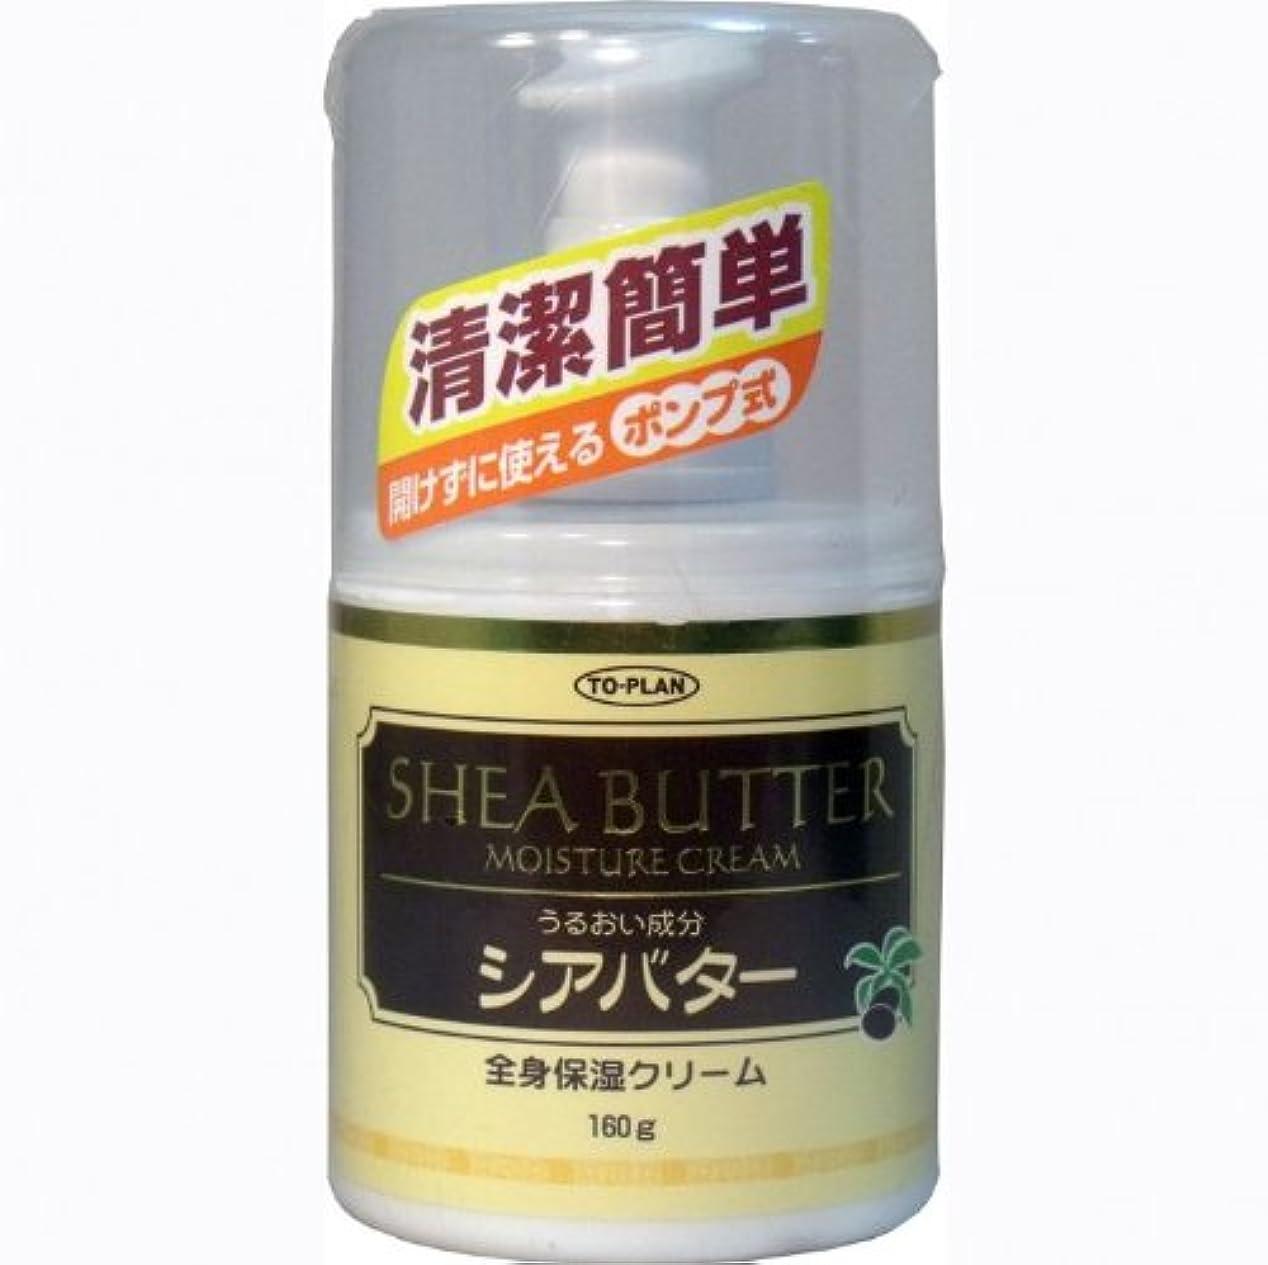 解説乱気流締め切りトプラン 全身保湿クリーム シアバター ポンプ式 160g「3点セット」